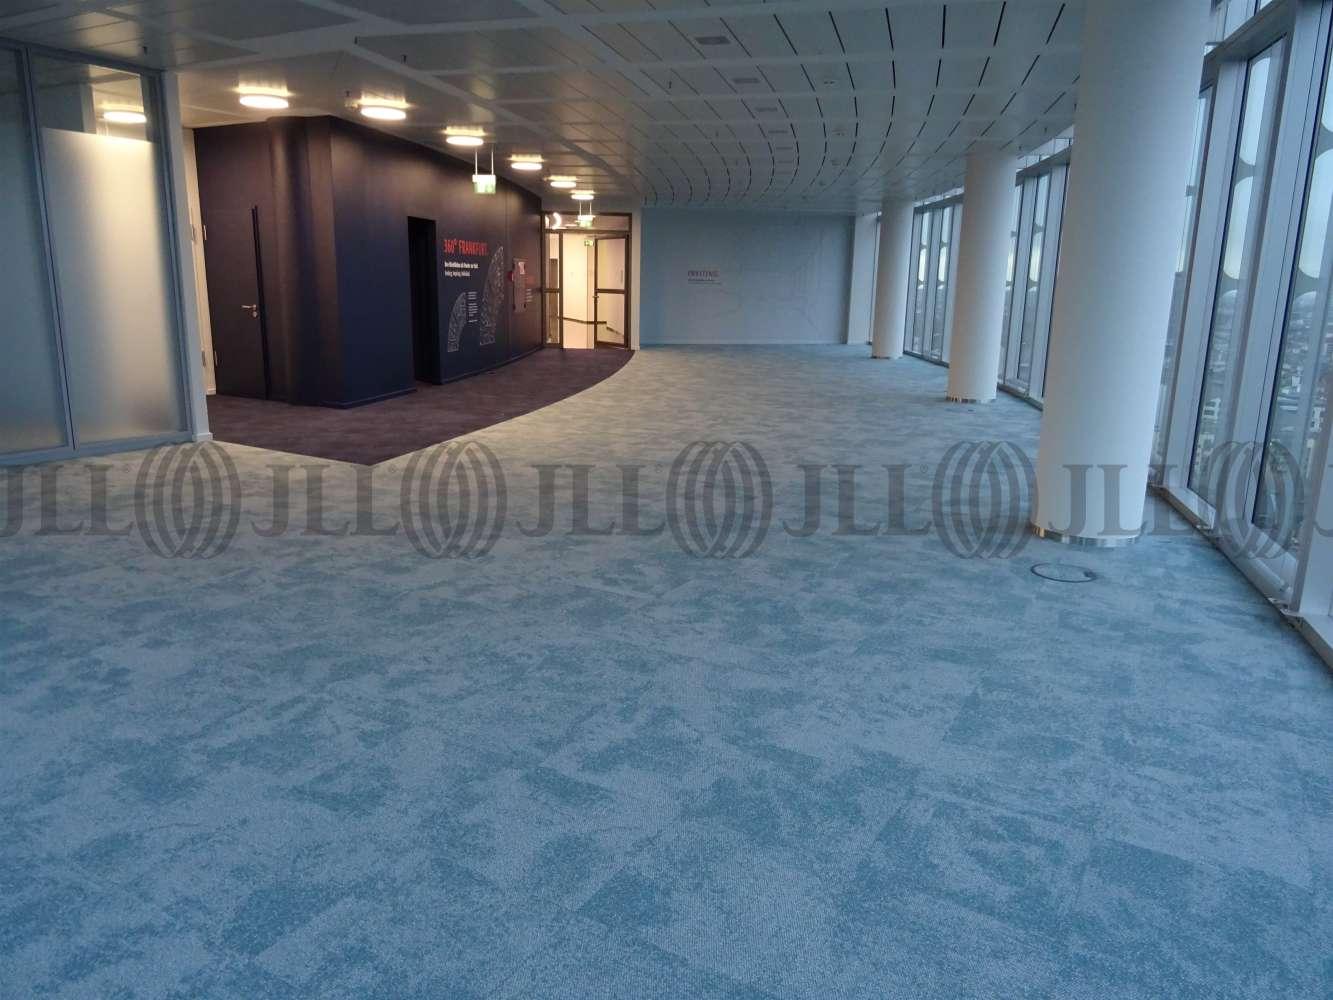 Büros Frankfurt am main, 60329 - Büro - Frankfurt am Main, Innenstadt - F0983 - 10873409